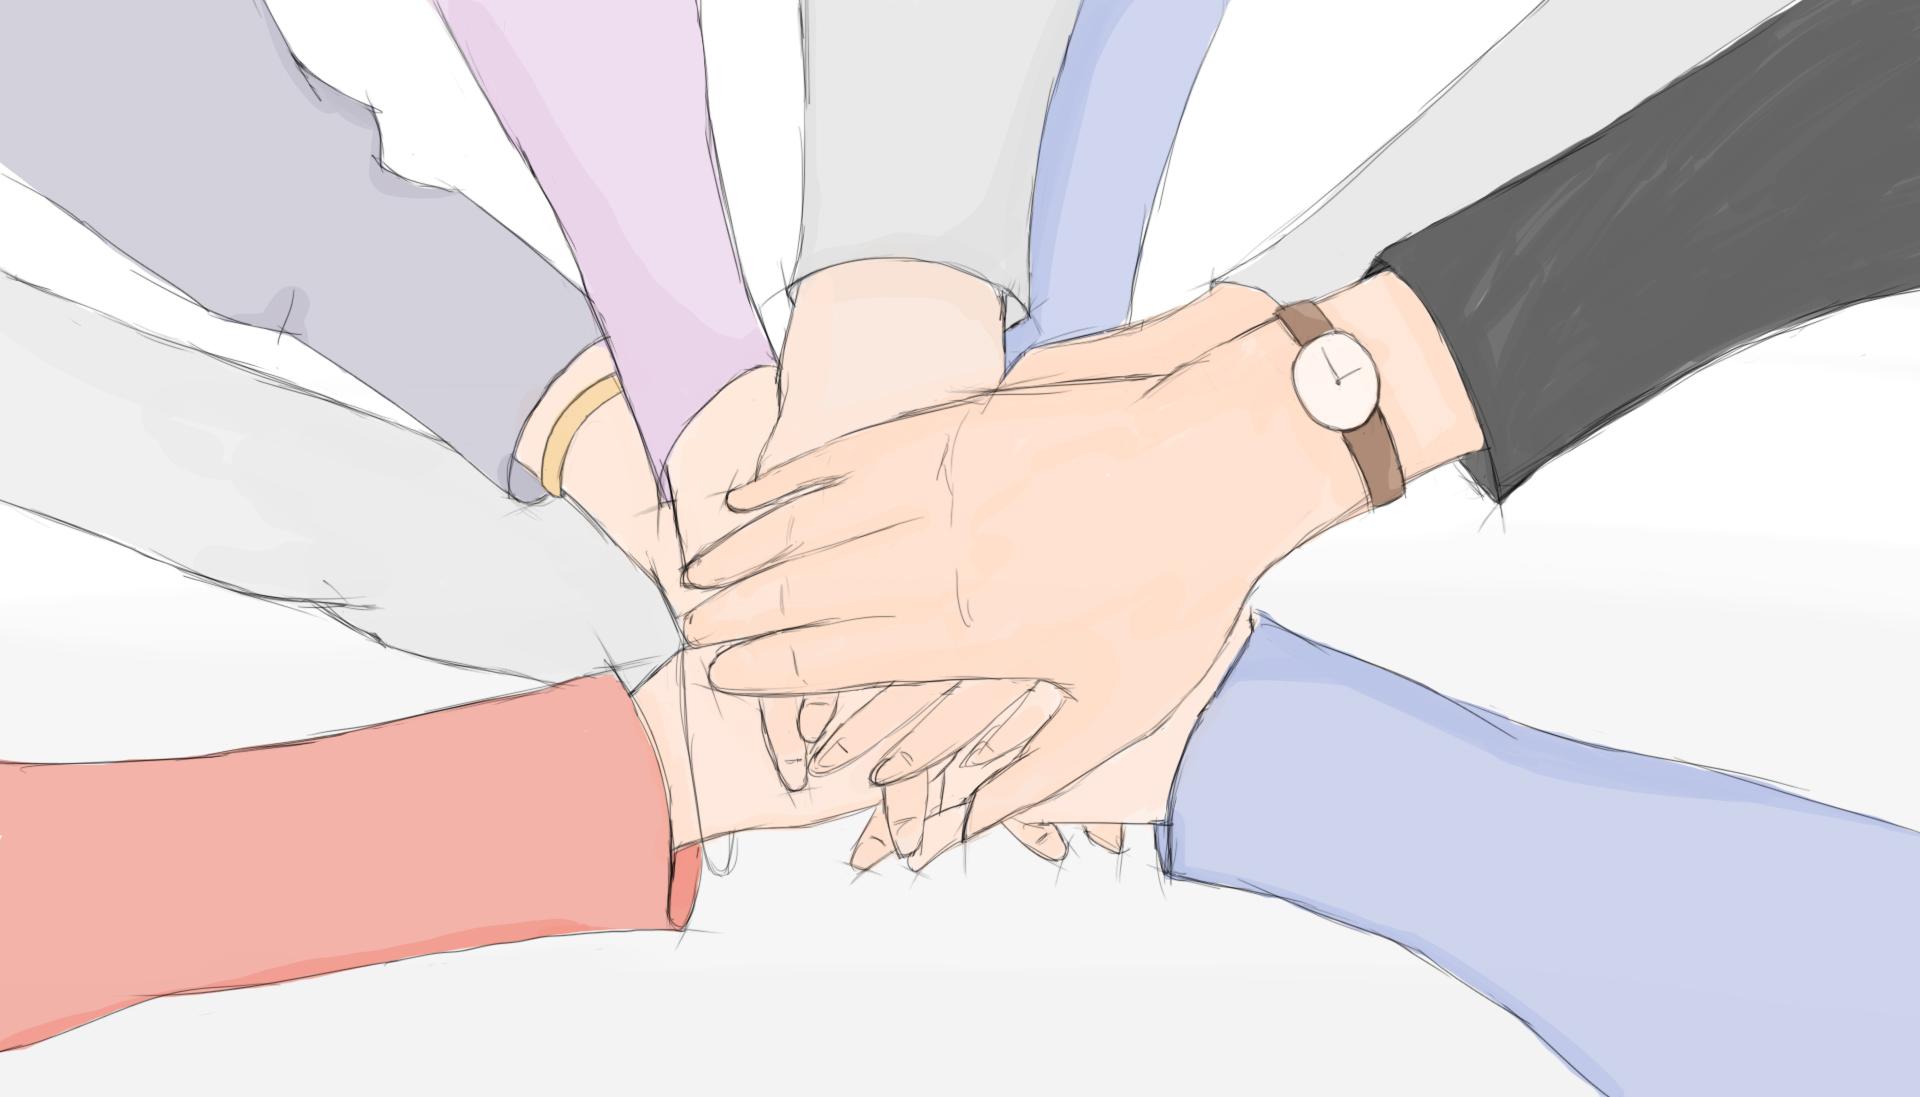 Mehrere Haende aufeinander gelegt als bunte Skizze - Symbol für Teamarbeit